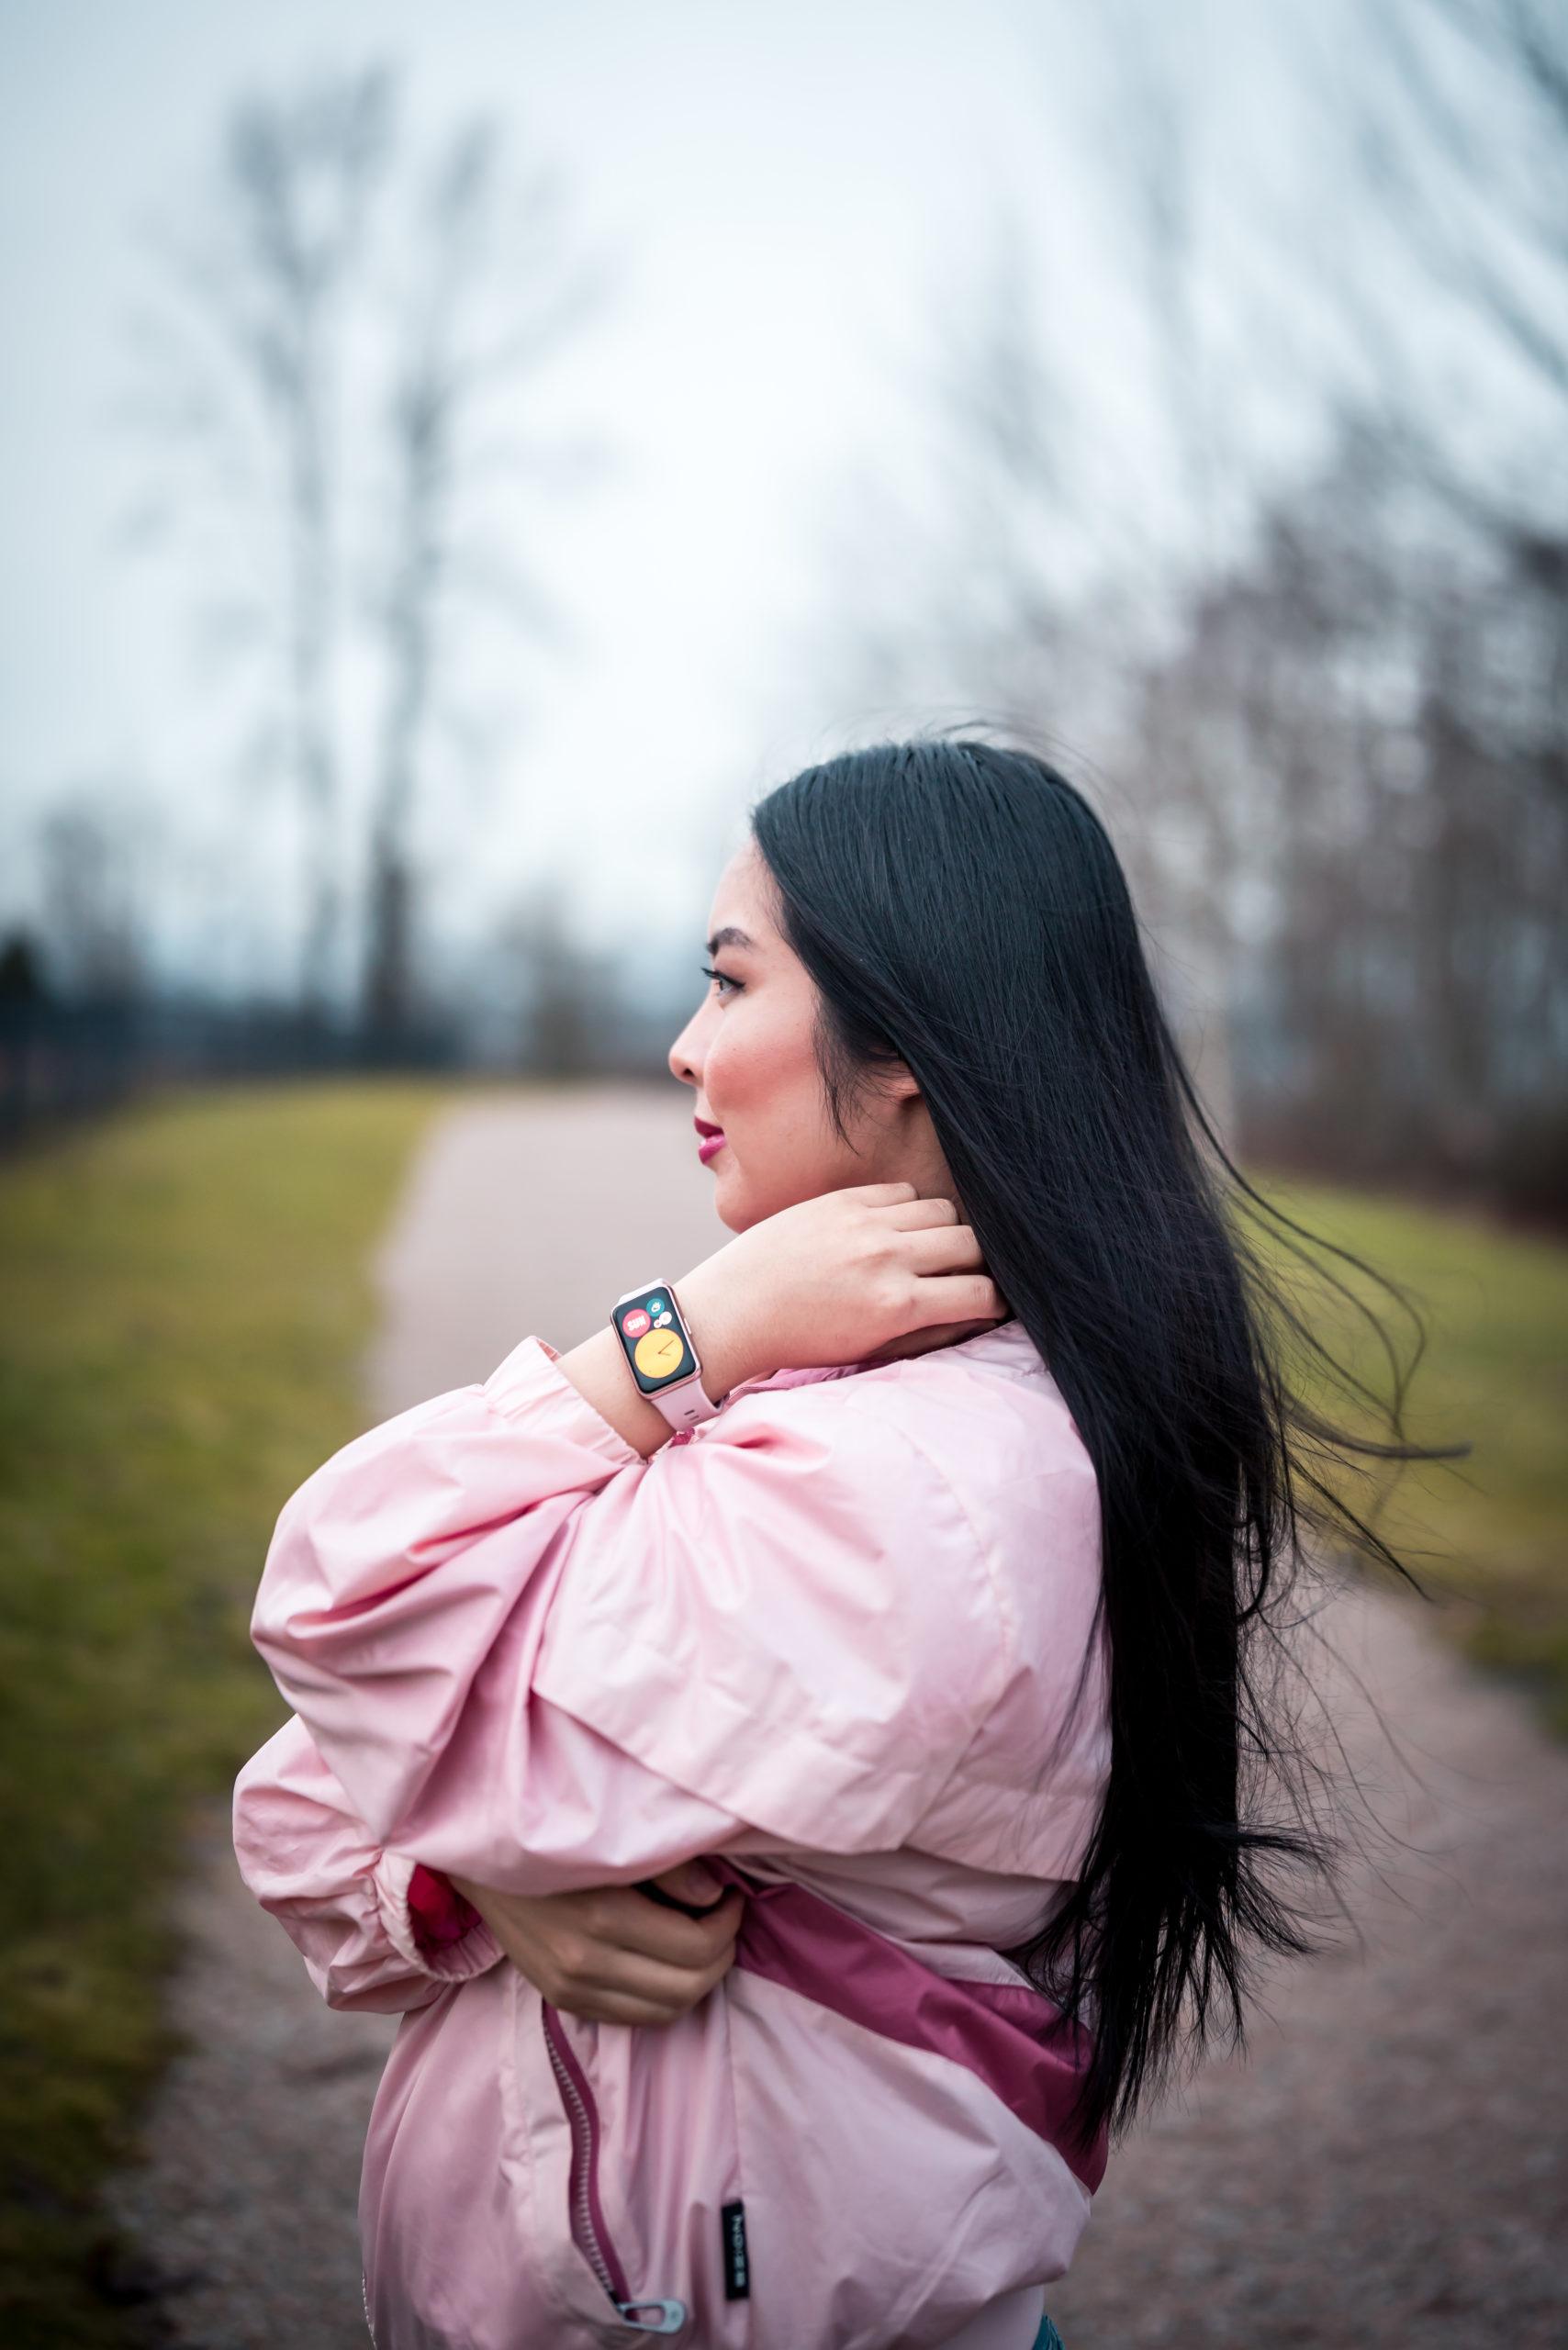 Glamouraspirit wearing HUAWEI WATCHFIT in sakura pink